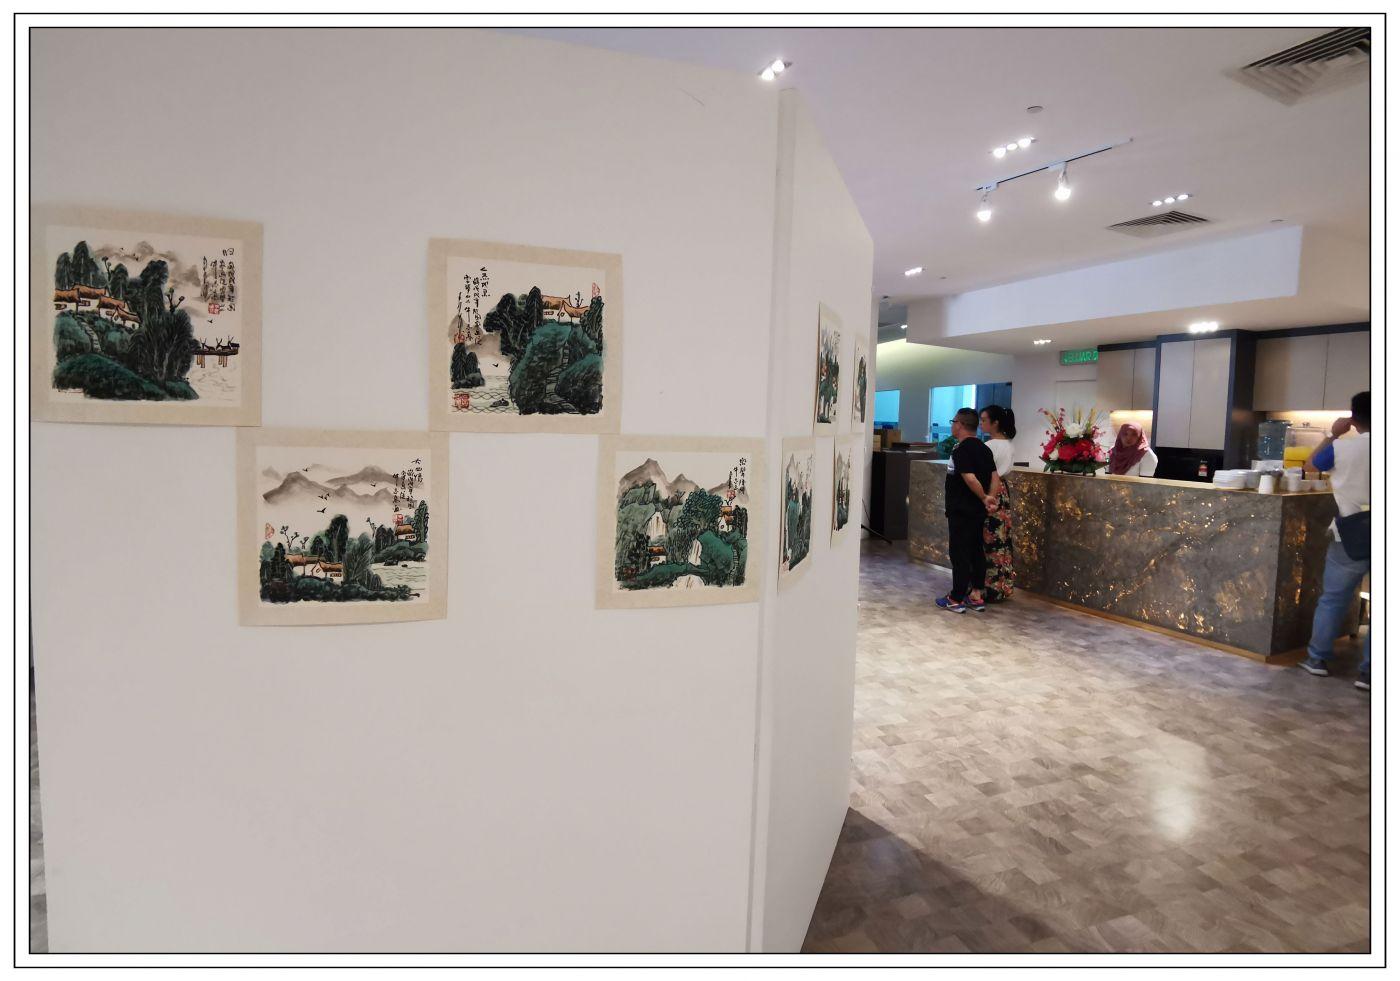 牛志高马来西亚画展掠影2019.10.01_图1-7